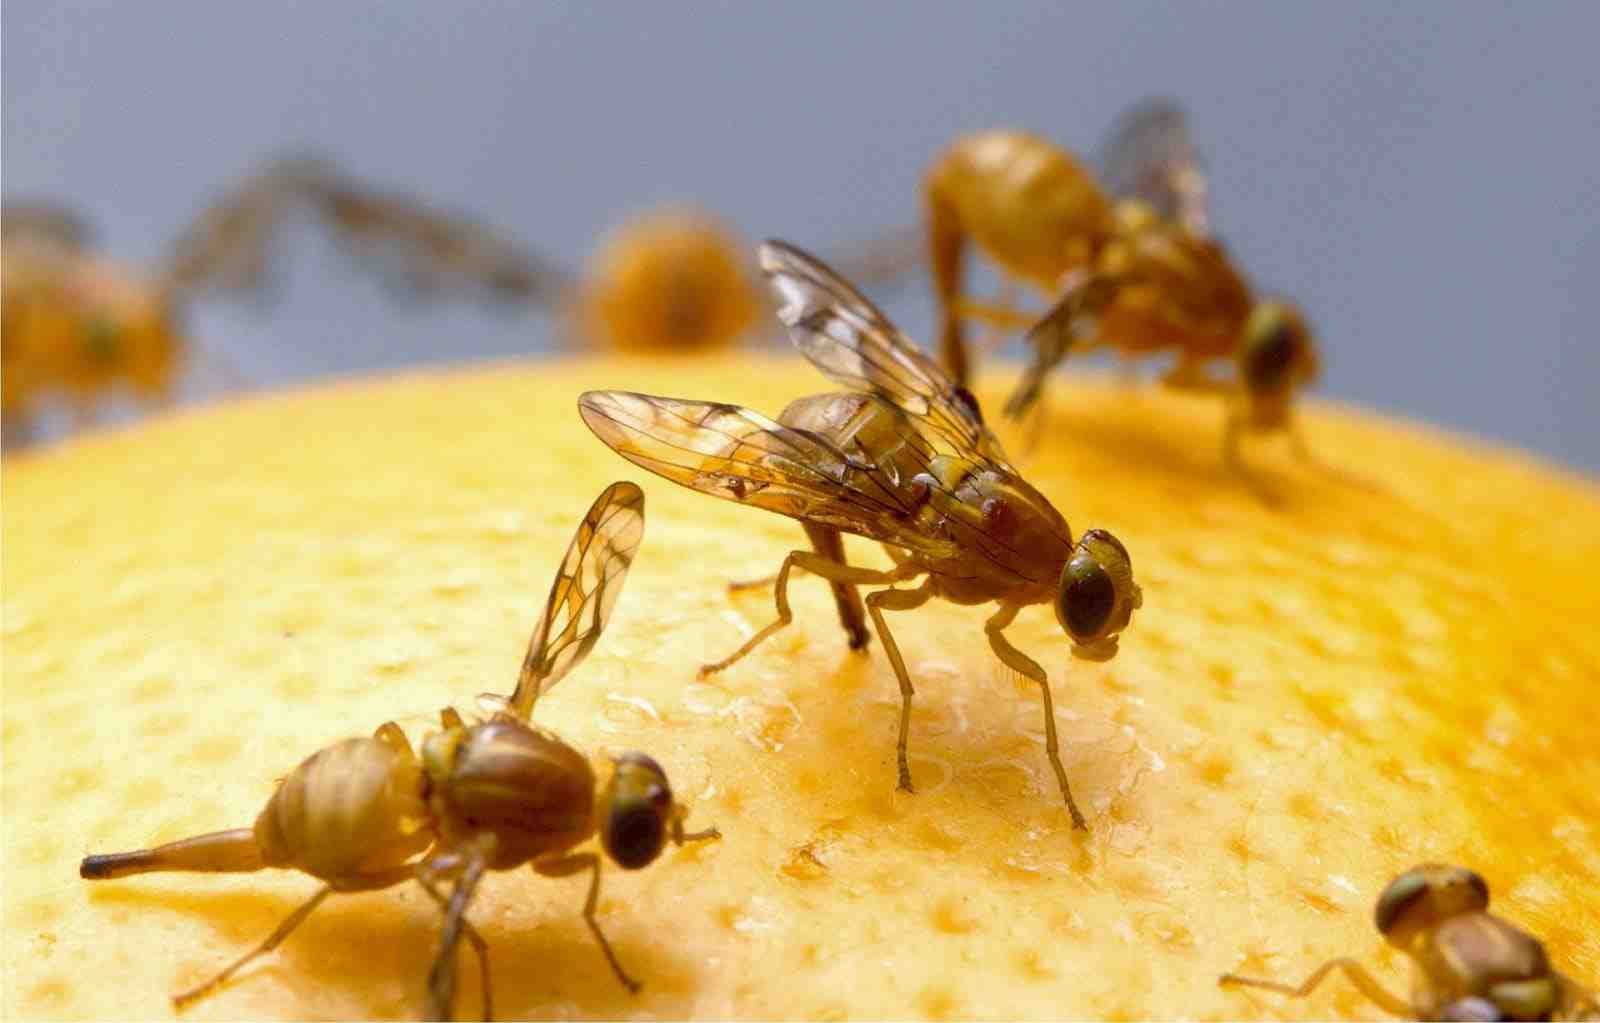 Comment se débarrasser des petites mouches noires dans la maison ?